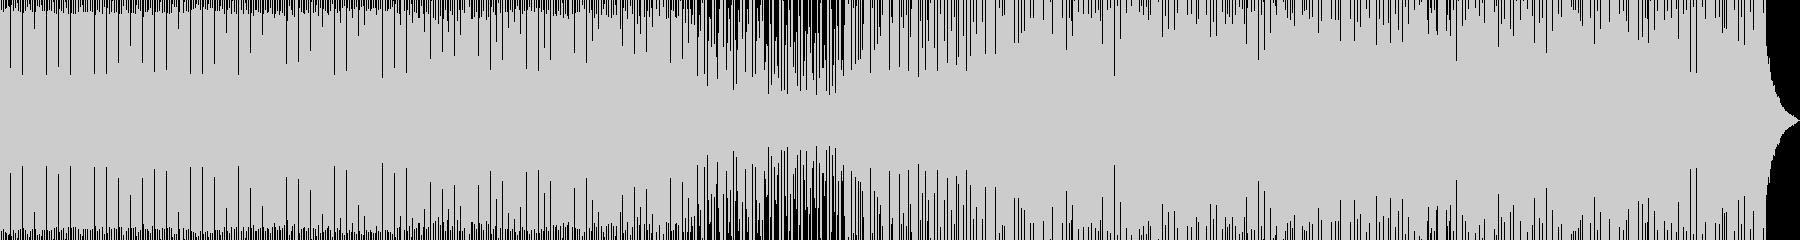 宇宙の端で孤独な爆発minimalの未再生の波形